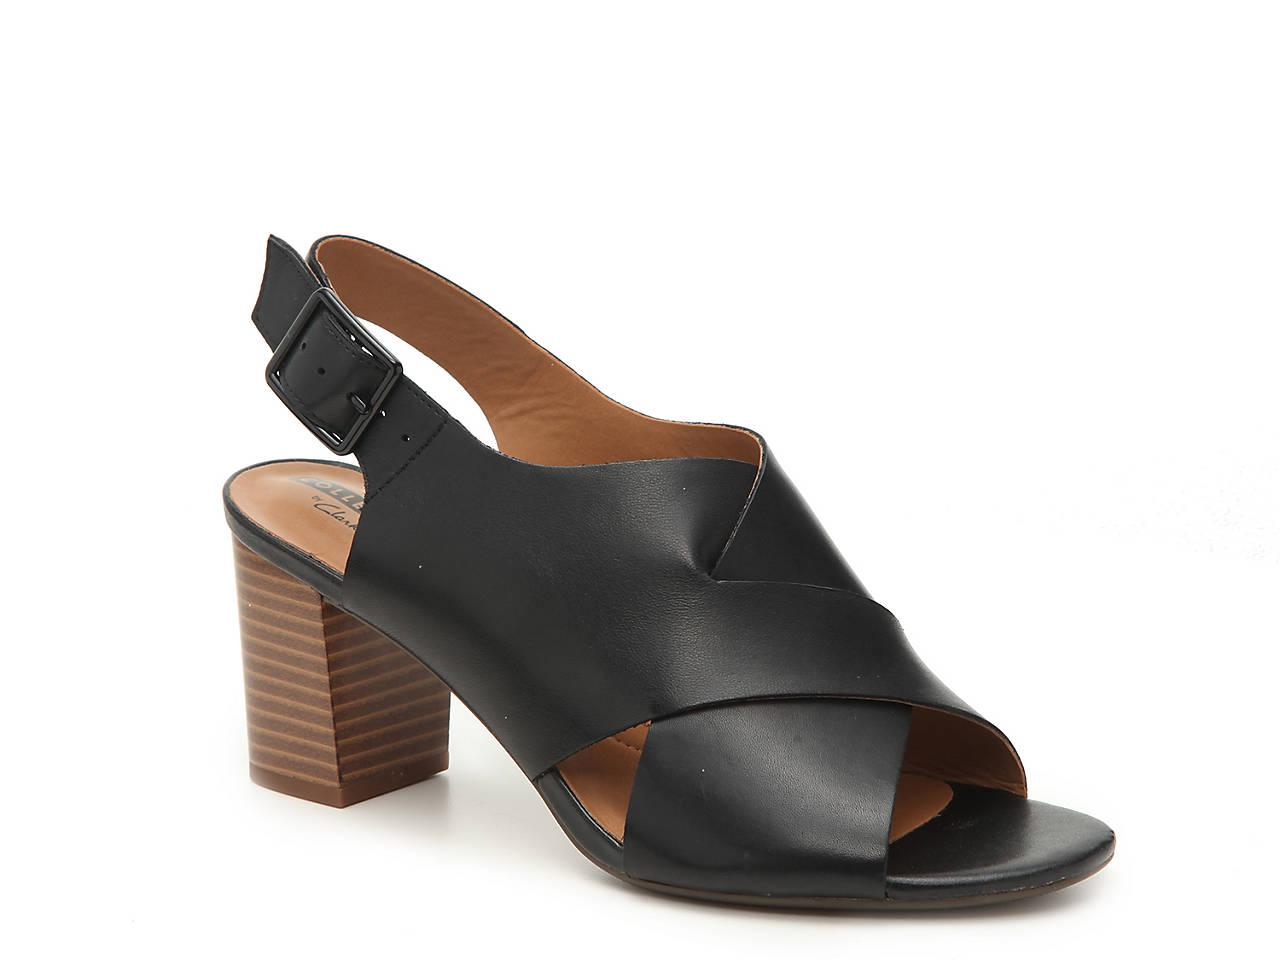 11dc2d85ec64 Clarks Deva Janie Sandal Women s Shoes